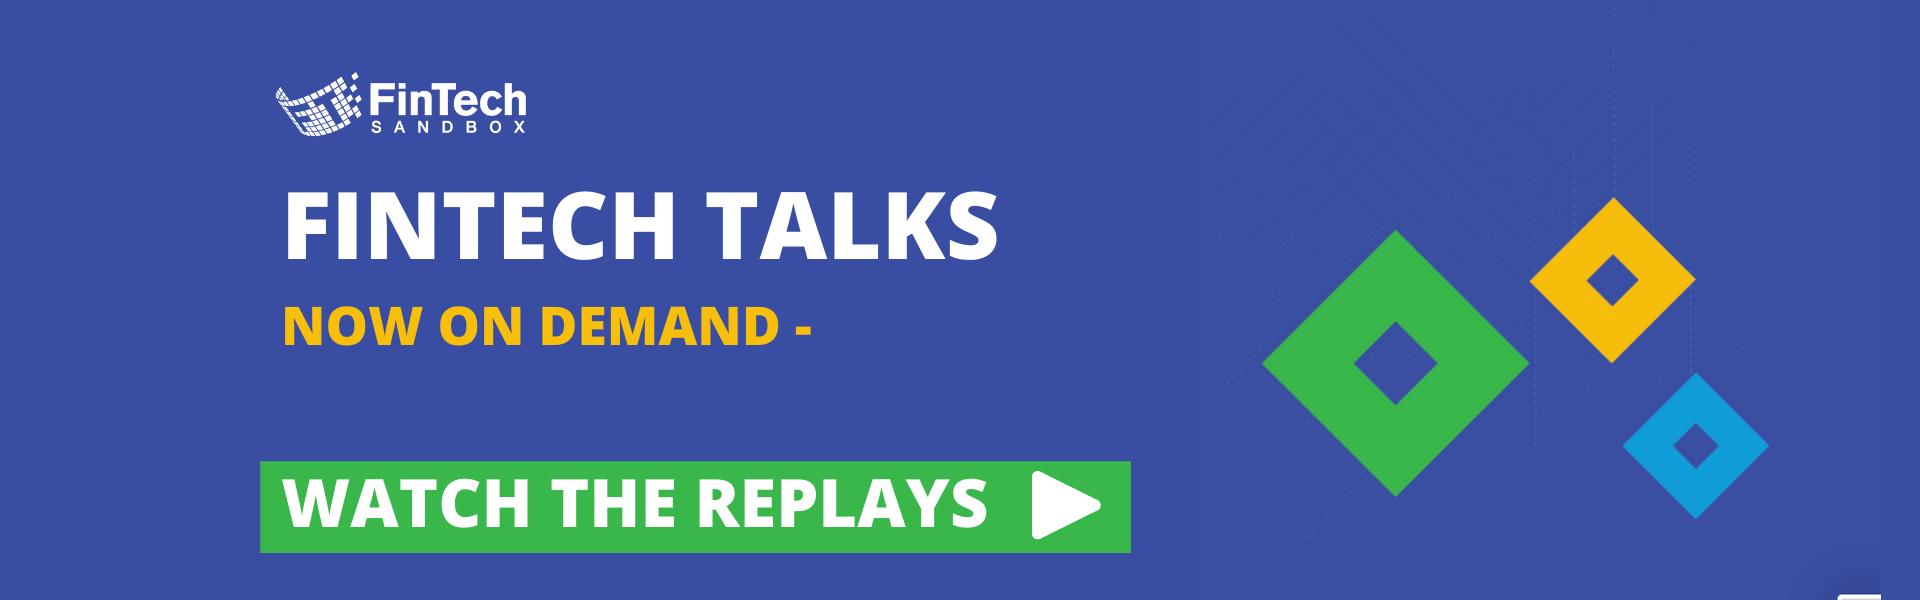 Fintech Talks - Watch the replays